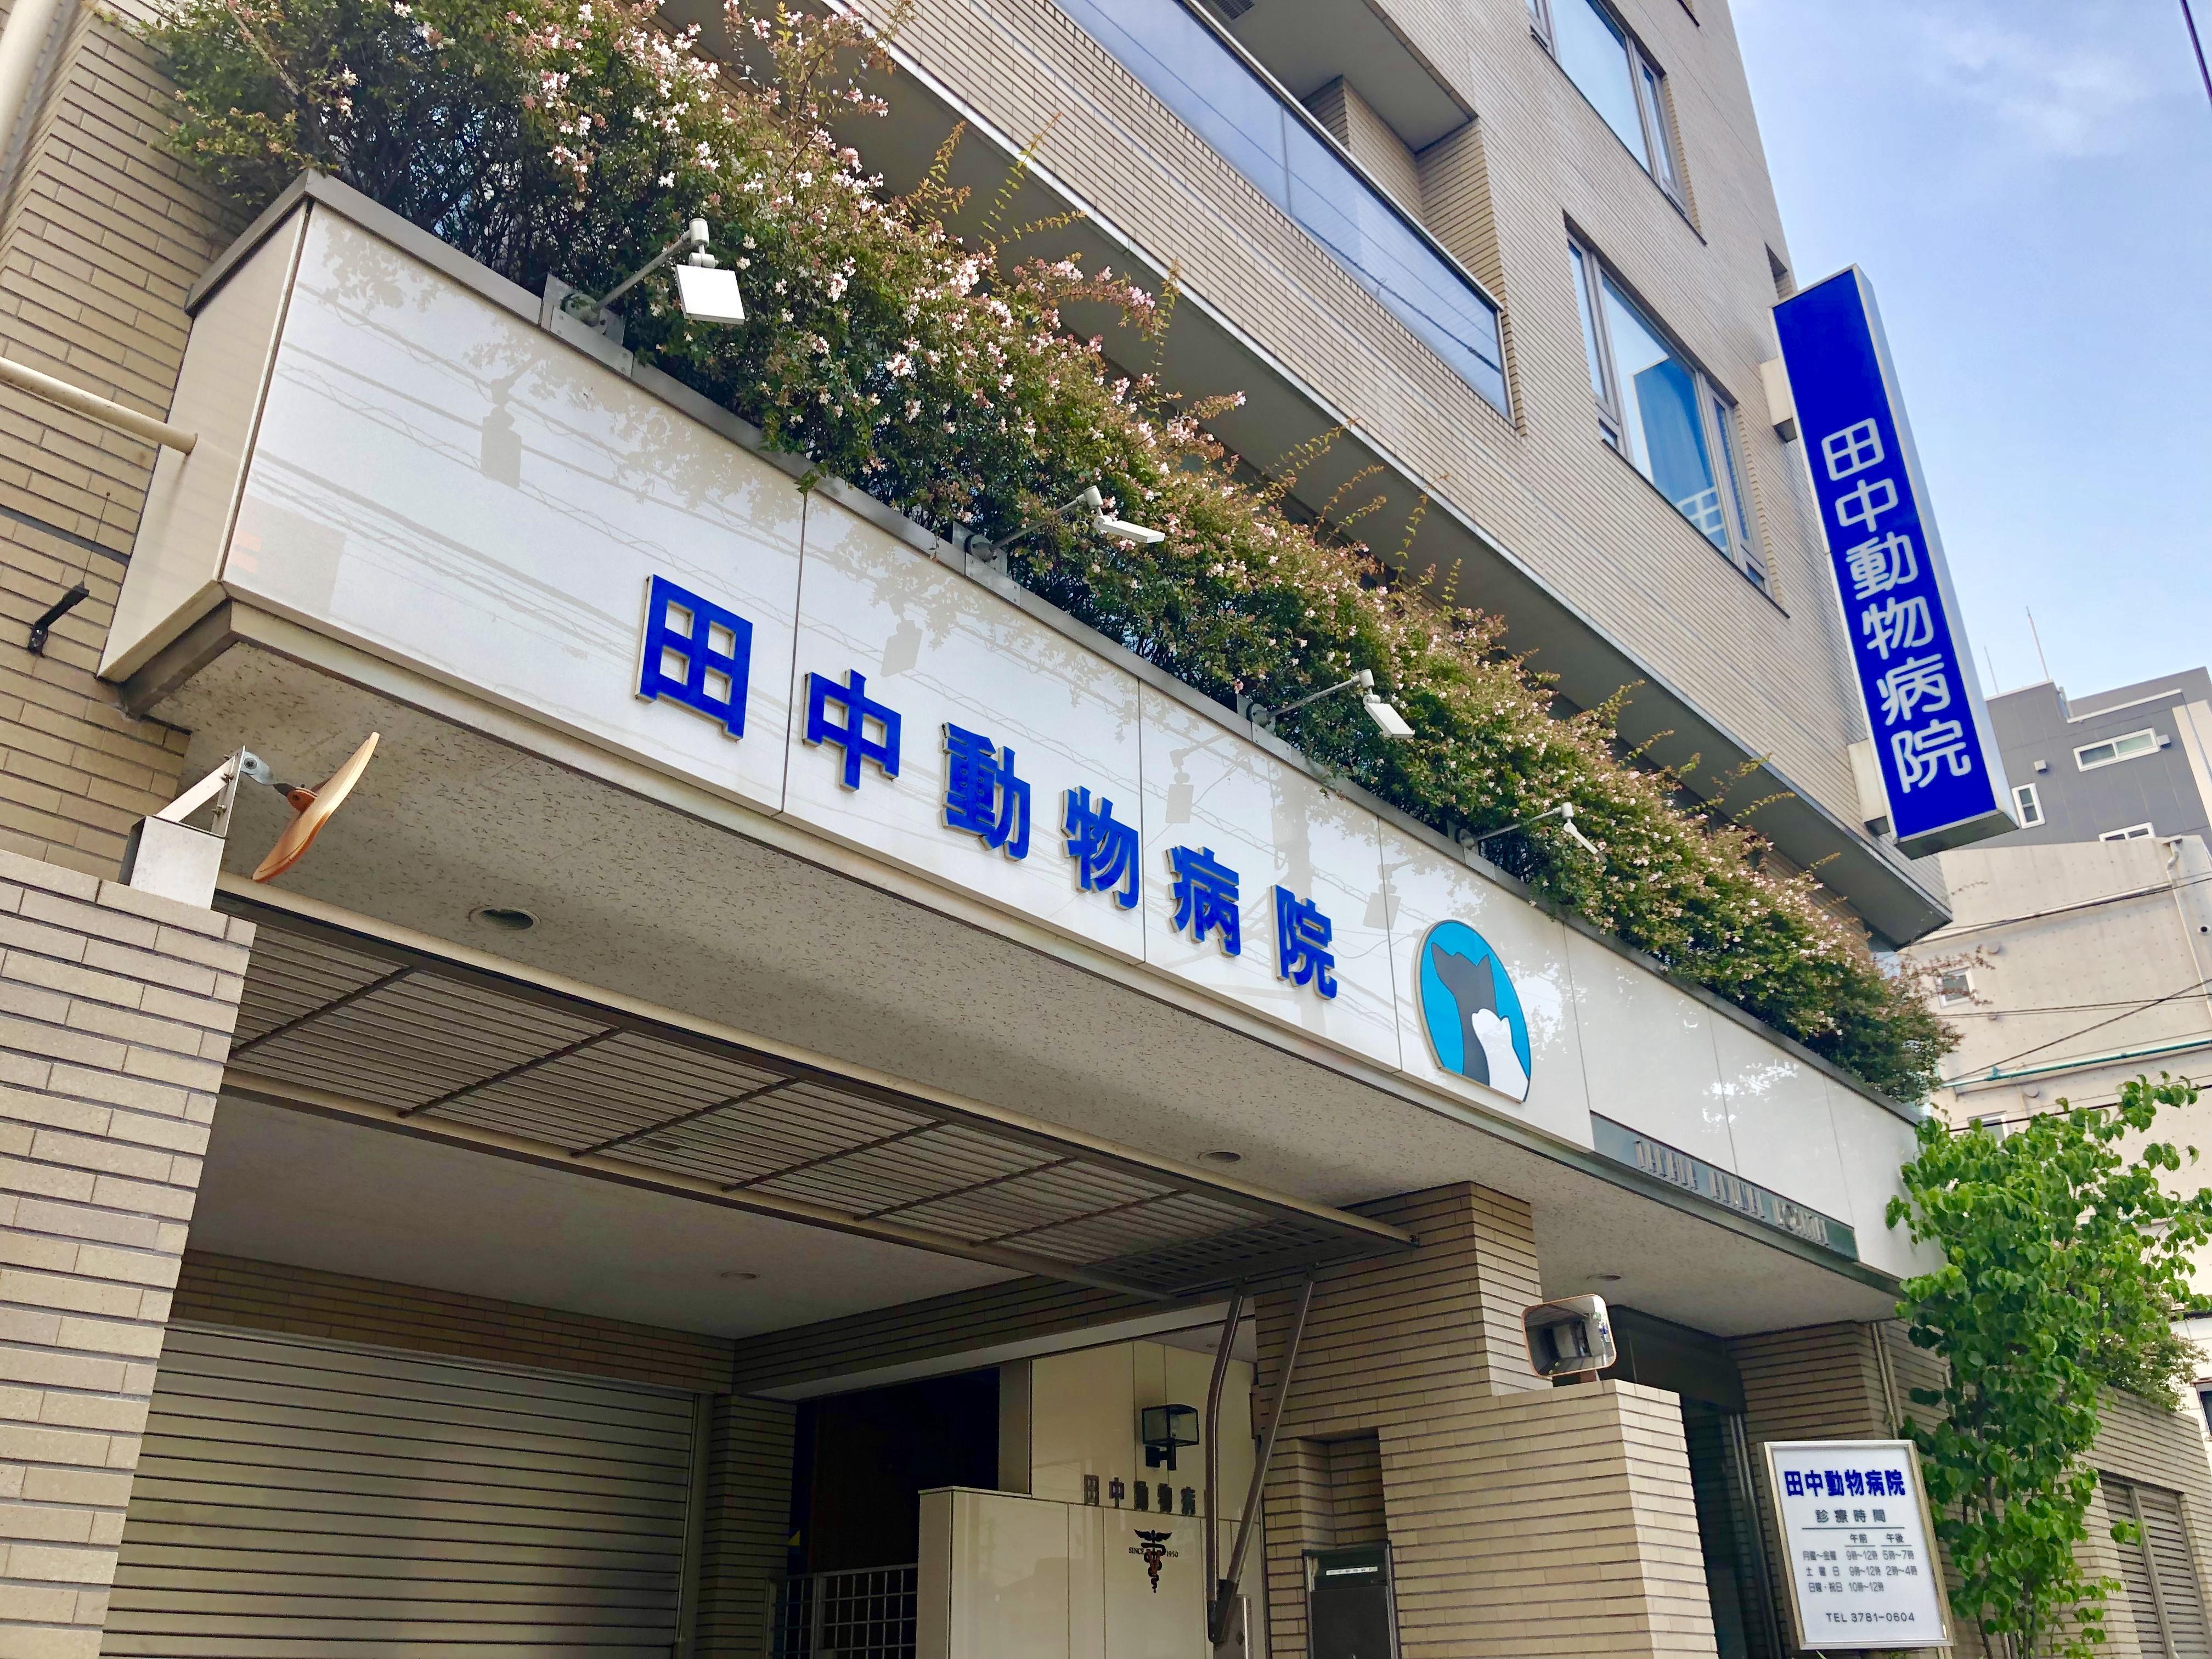 【既卒・新卒歓迎】品川区の動物病院でトリミング【正社員】